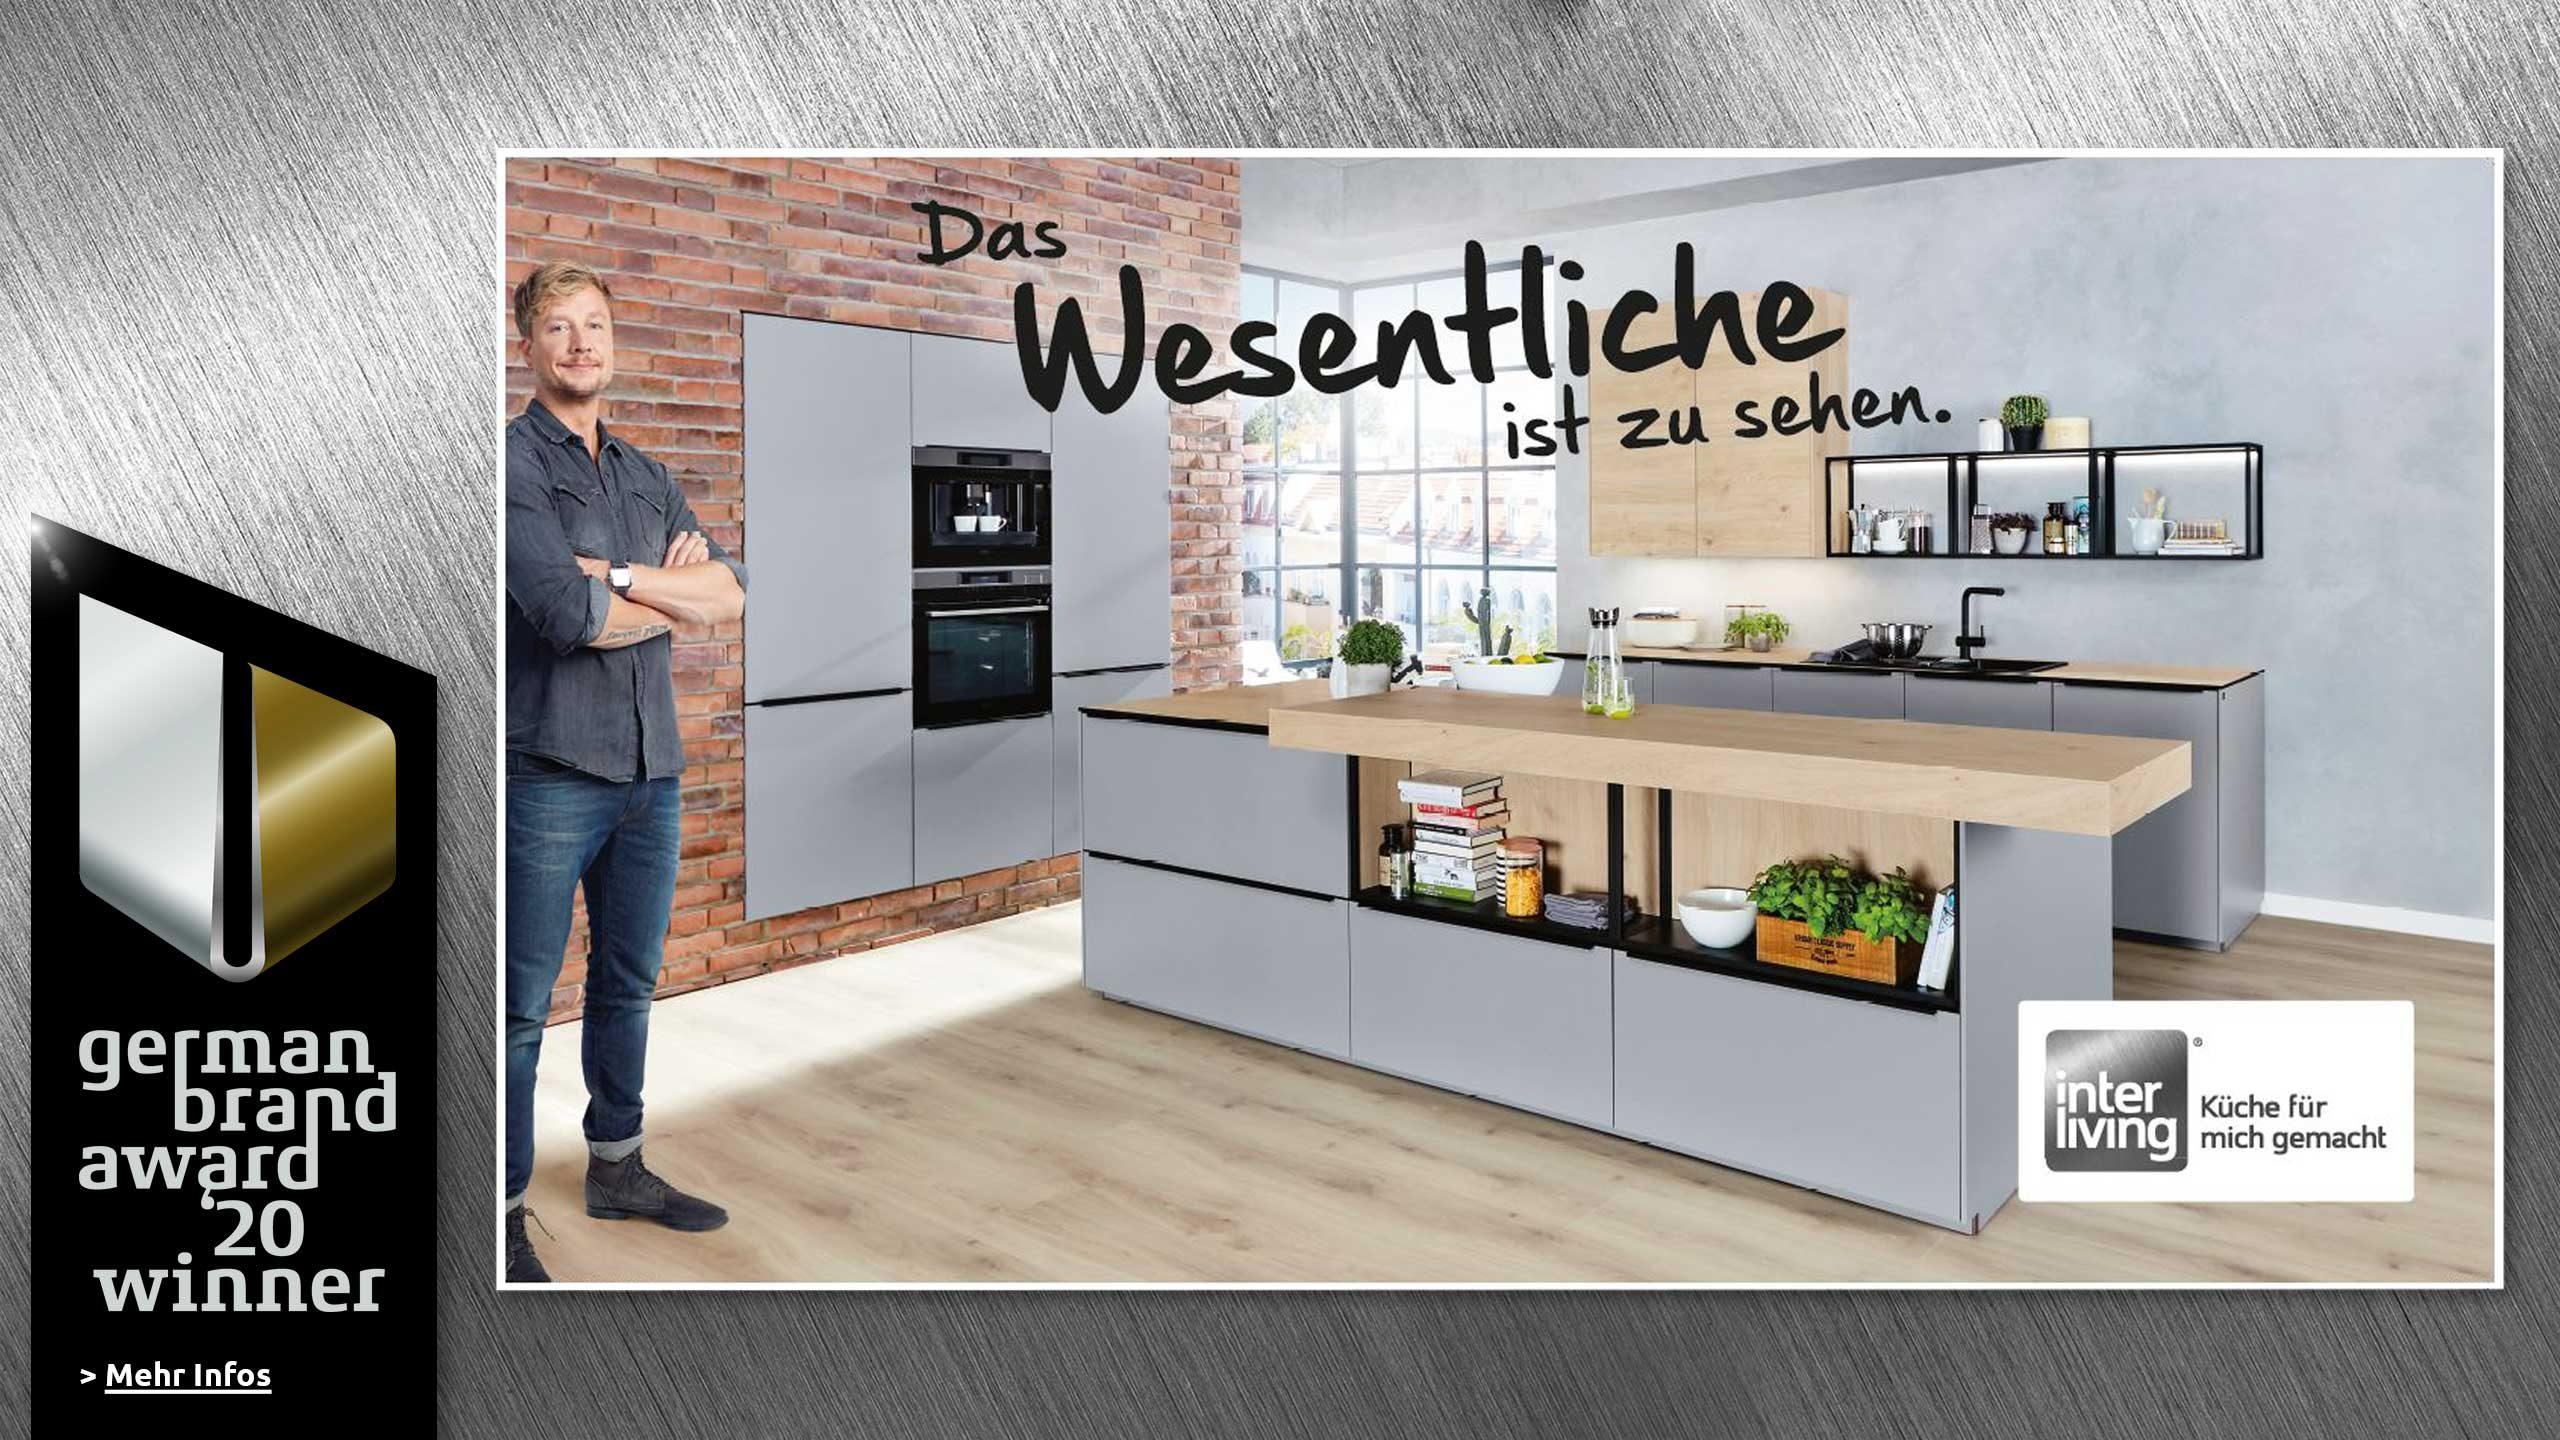 """Interliving Kampagne """"Das Wesentliche ist zu sehen"""" gewinnt German Brand Award 2020"""